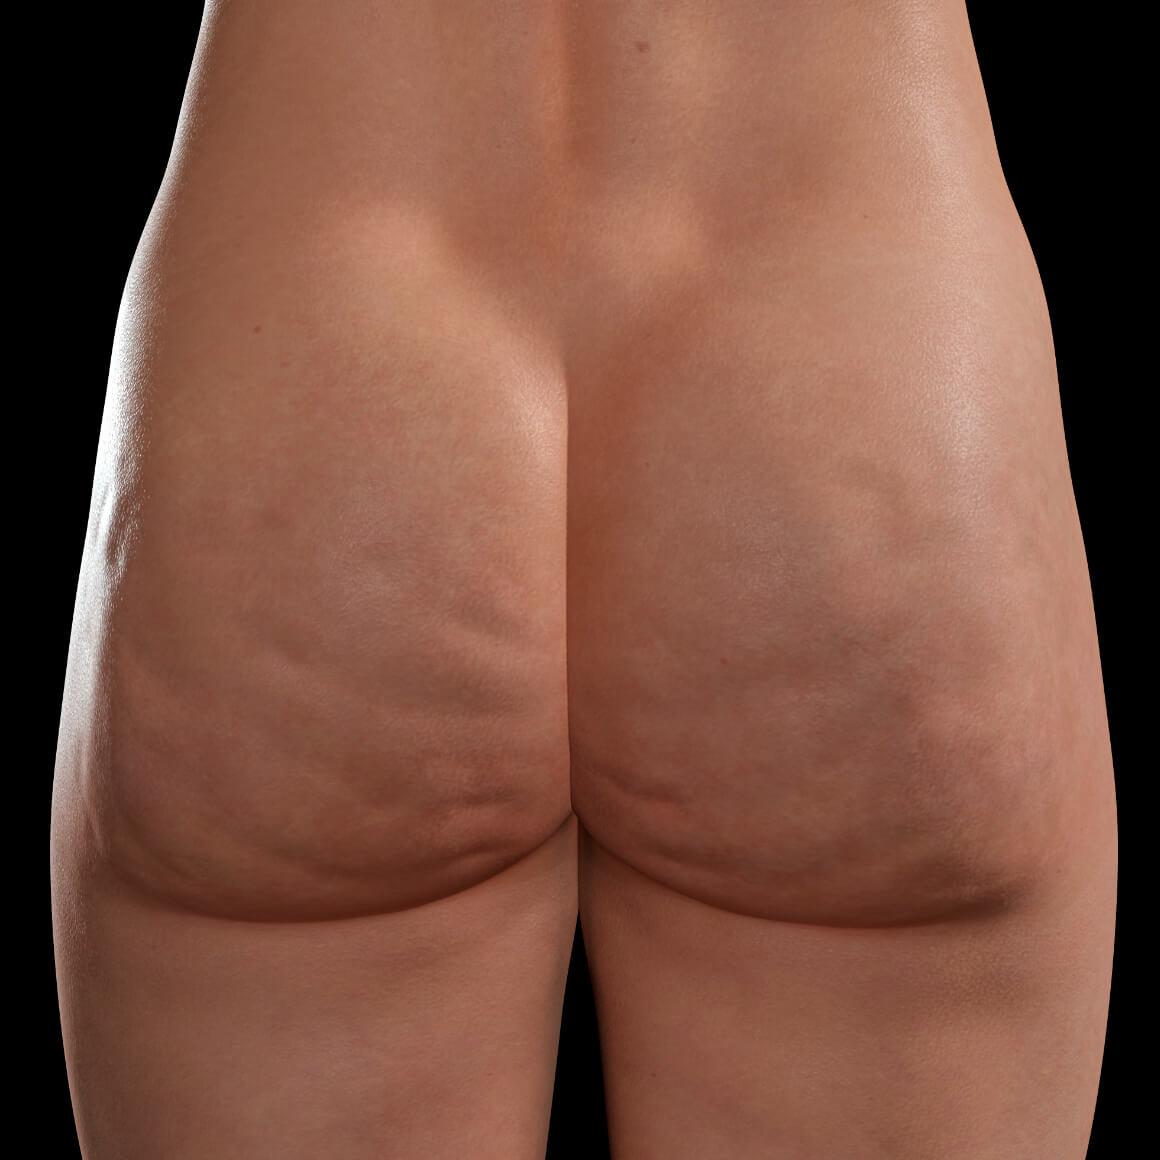 Fesses d'une patiente de la Clinique Chloé montrant de la cellulite